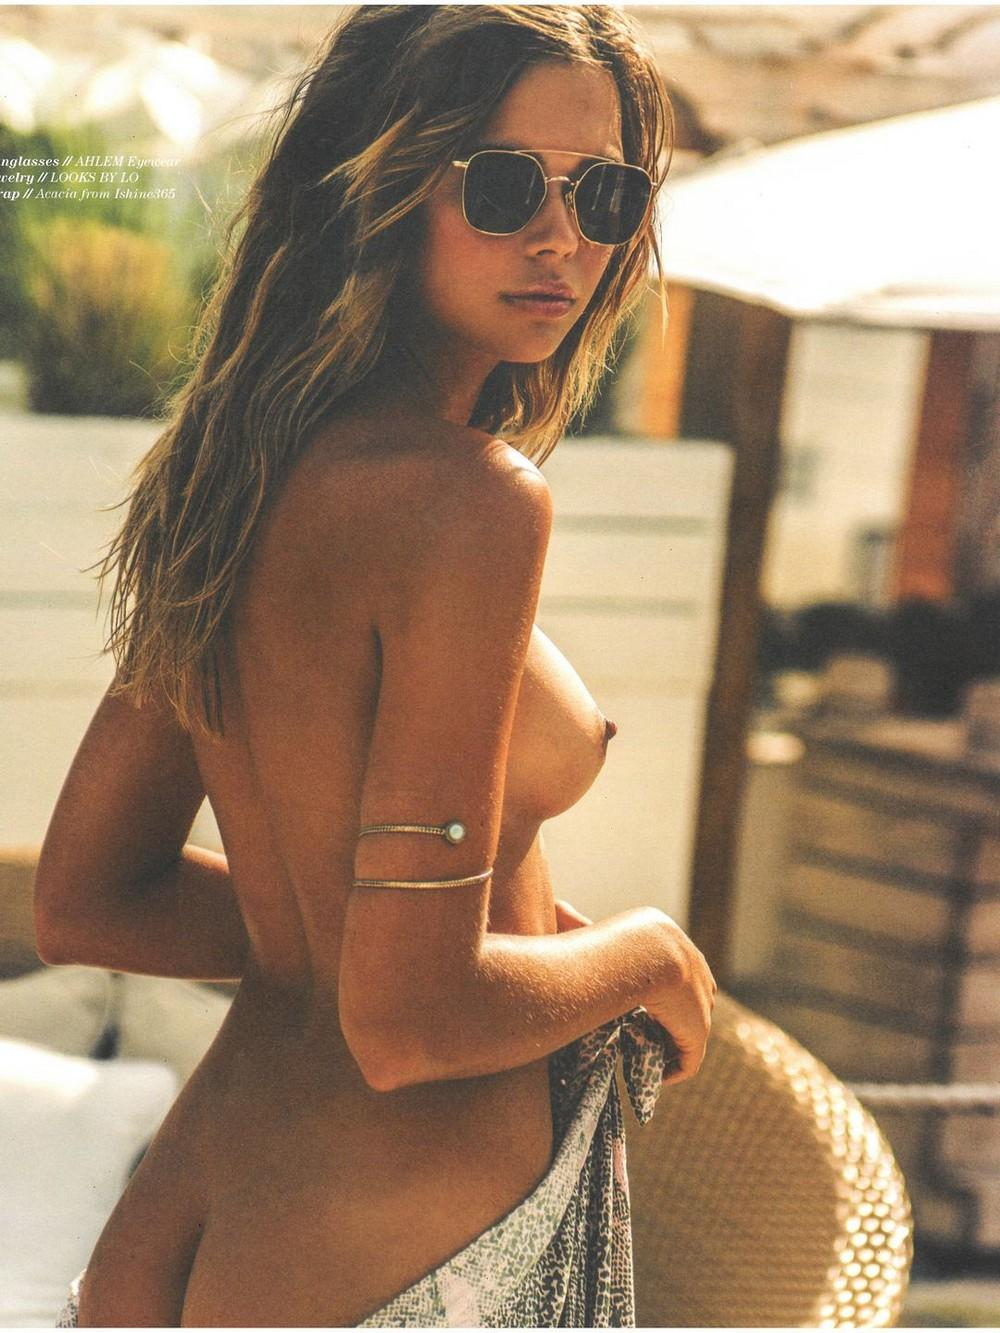 Sandra Kubicka em um ensaio fotográfico sensual 19